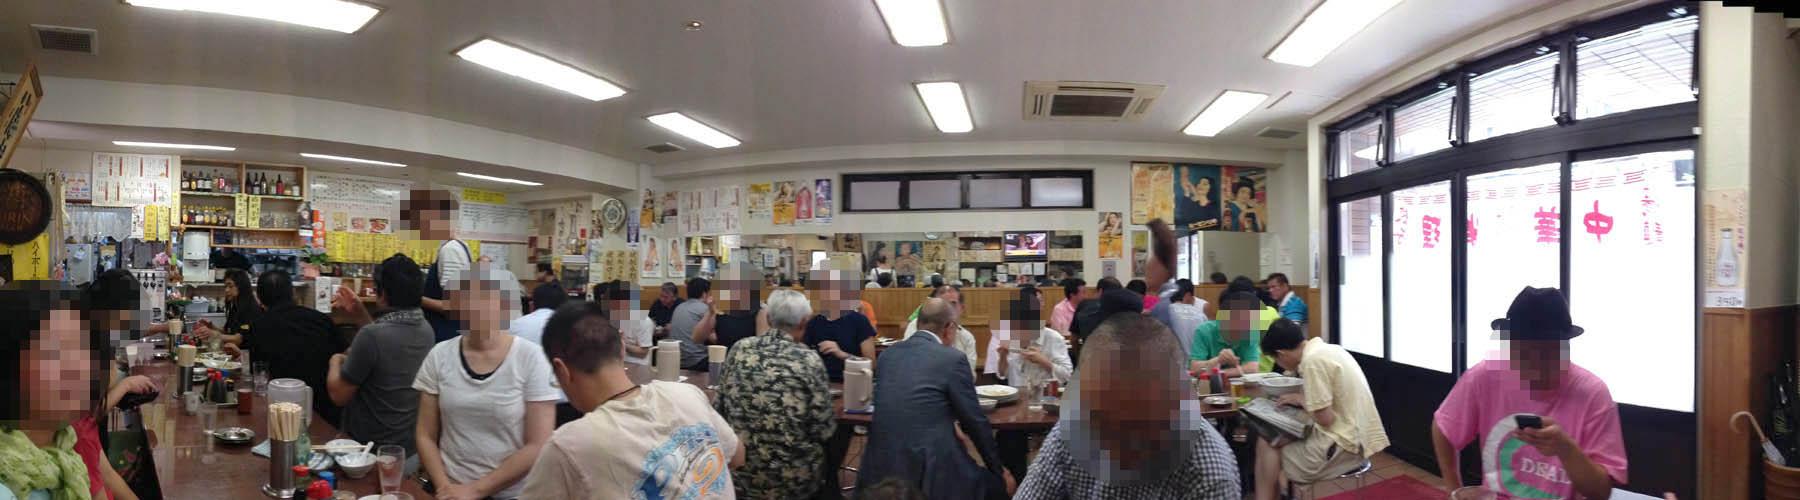 新丸子 三ちゃん食堂:店内